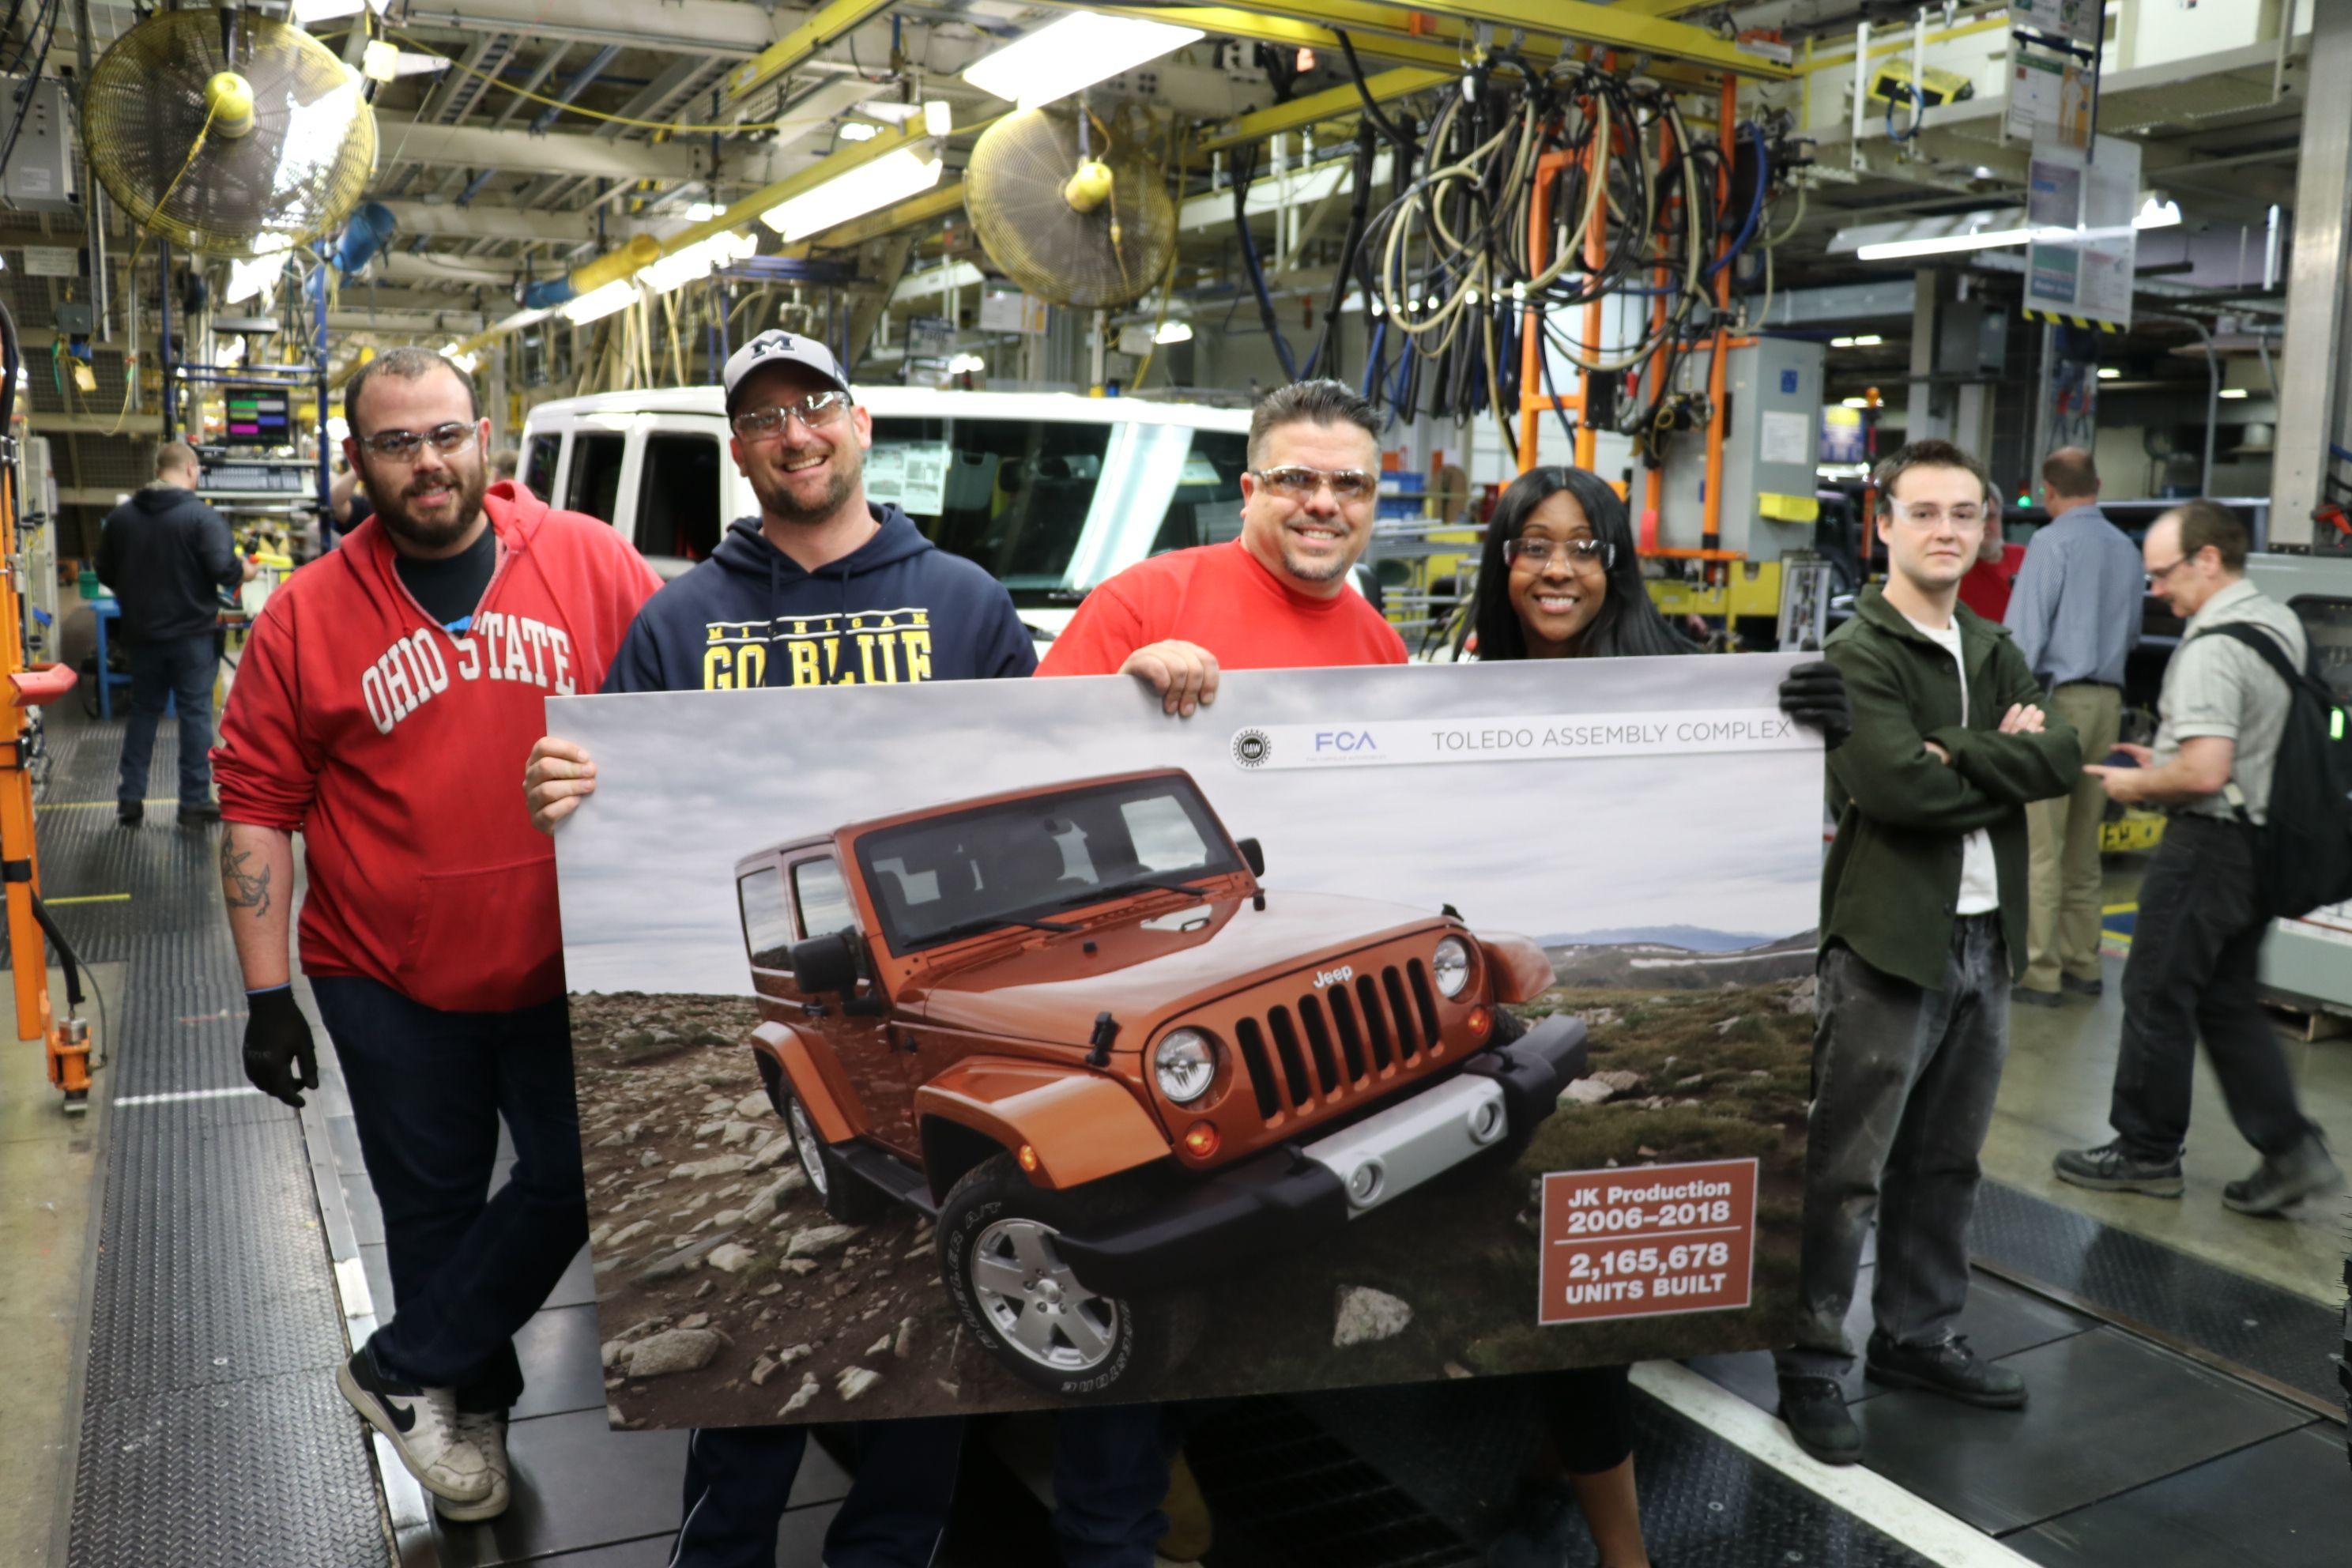 jeep3 Jeep nu va mai produce modelul Wrangler JK